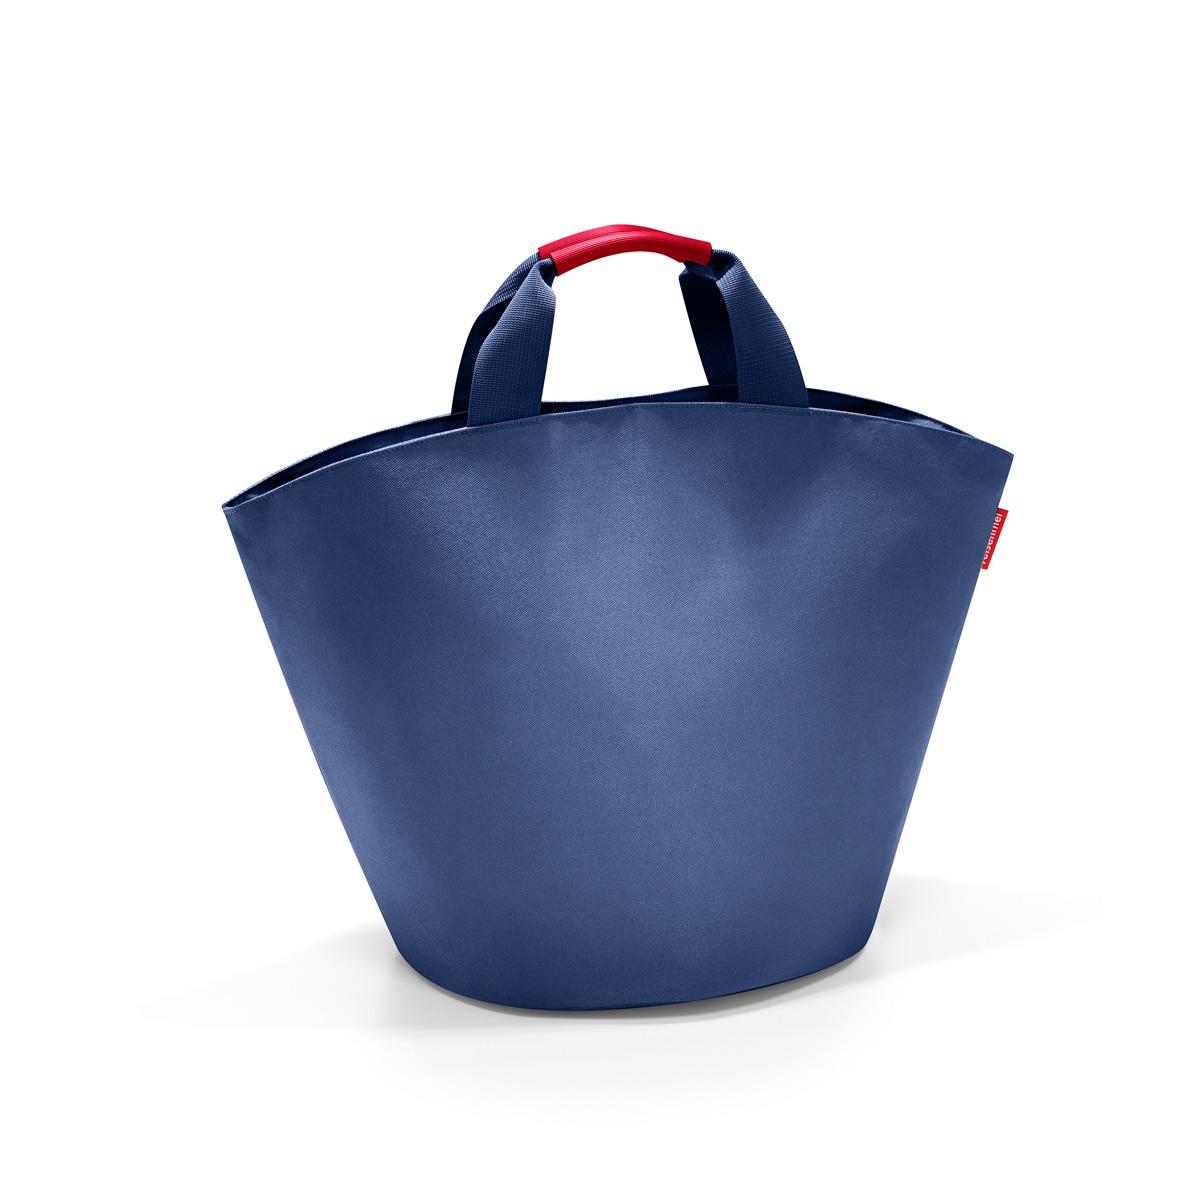 Сумка Reisenthel, цвет: синий. BM4005BM4005Дизайн сумки ibizashopper берет начало от классической пляжной сумки Ibiza. Солидный однотонный цвет сумки подойдет к любому наряду, а ее вместительность позволить взять с собой все необходимое. Благодаря стильной форме в виде трапеции ibizashopper всегда очень устойчива и может быть использована дома как корзина для хранения. Доступная в четырех цветах (черном, темно-синем, морковном и красном) сумка ibizashopper идеально подходит для использования круглый год!